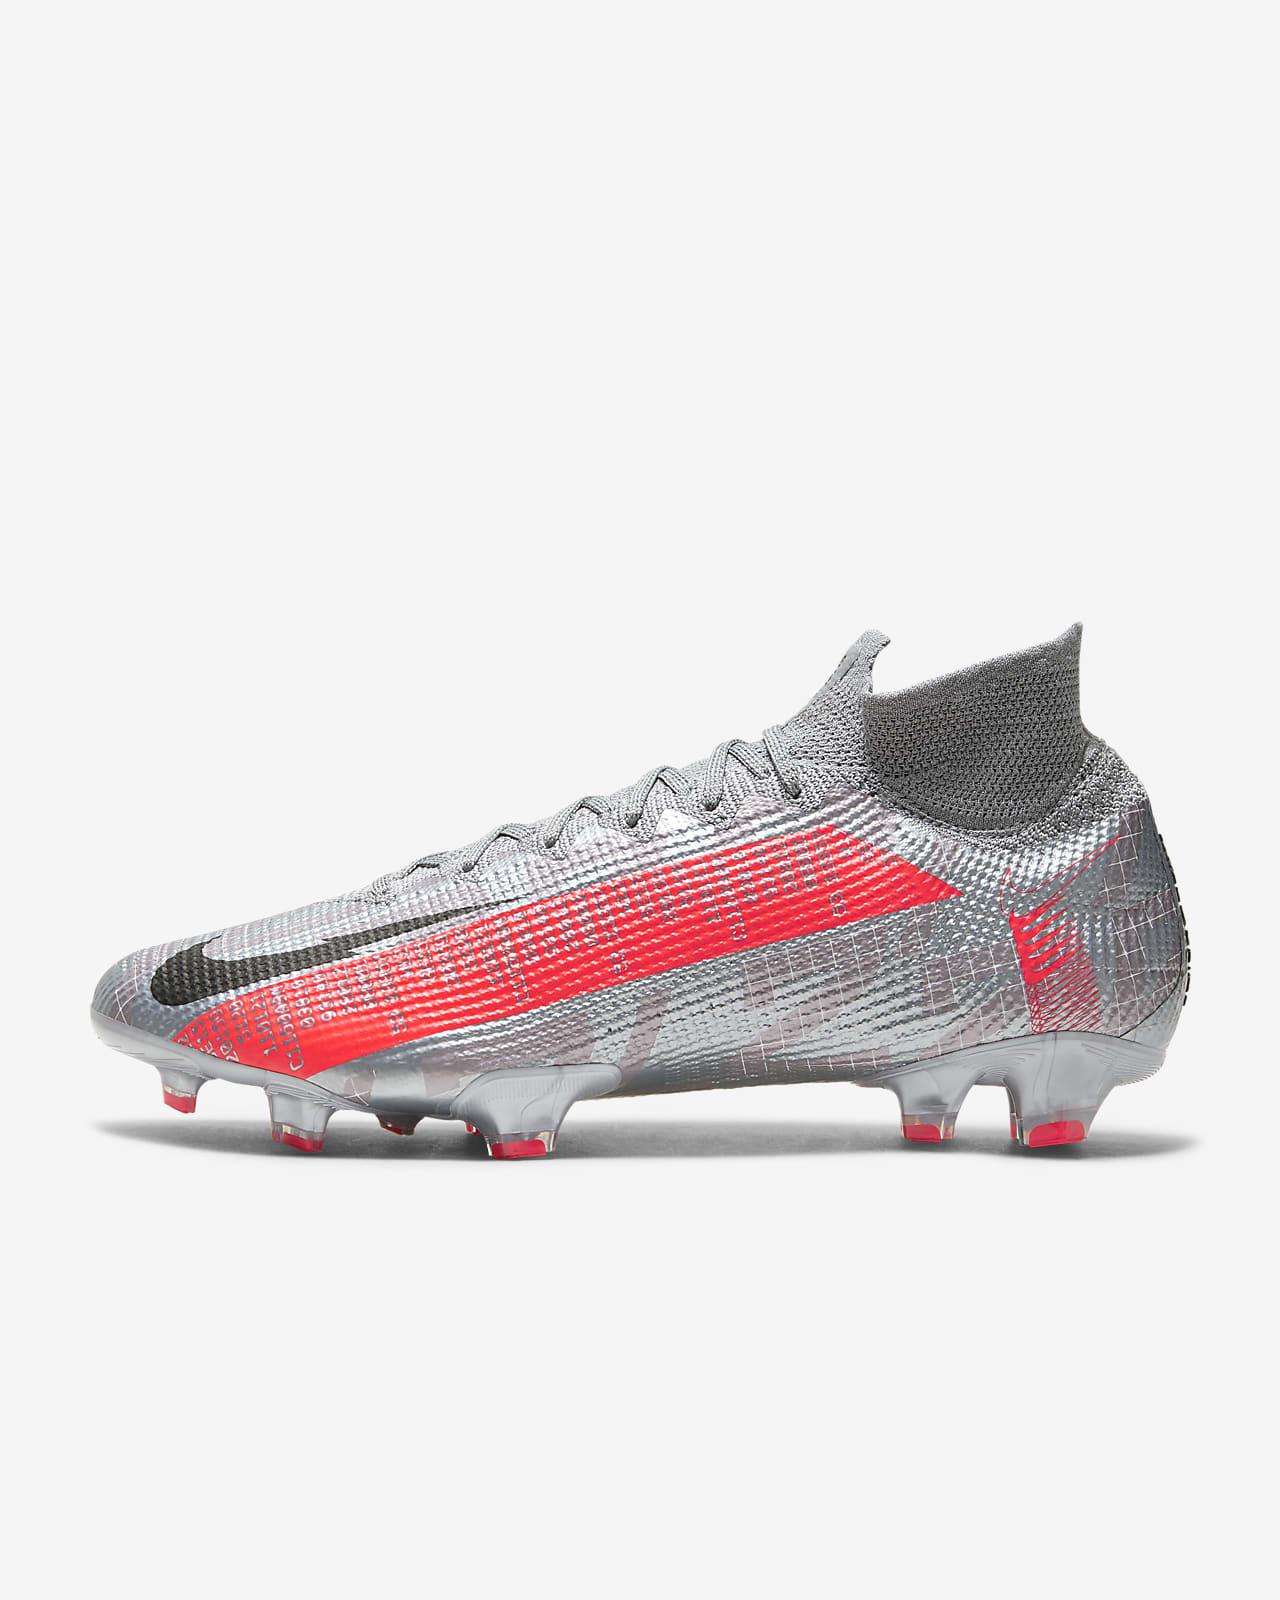 Ποδοσφαιρικό παπούτσι για σκληρές επιφάνειες Nike Mercurial Superfly 7 Elite FG